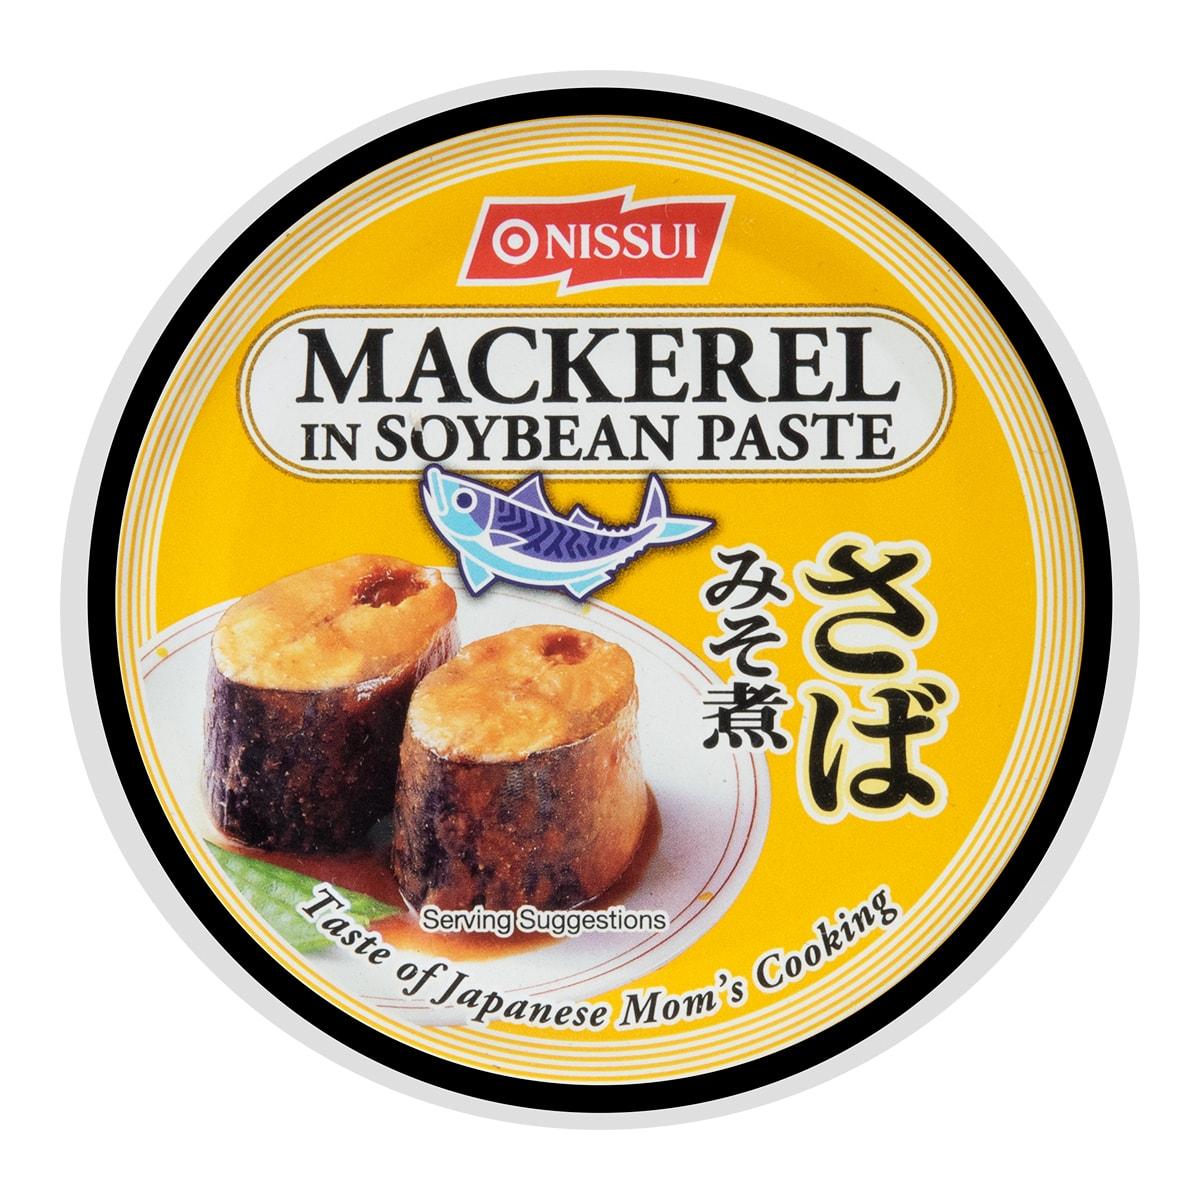 Nissui Mackerel In Soybean Paste 190g